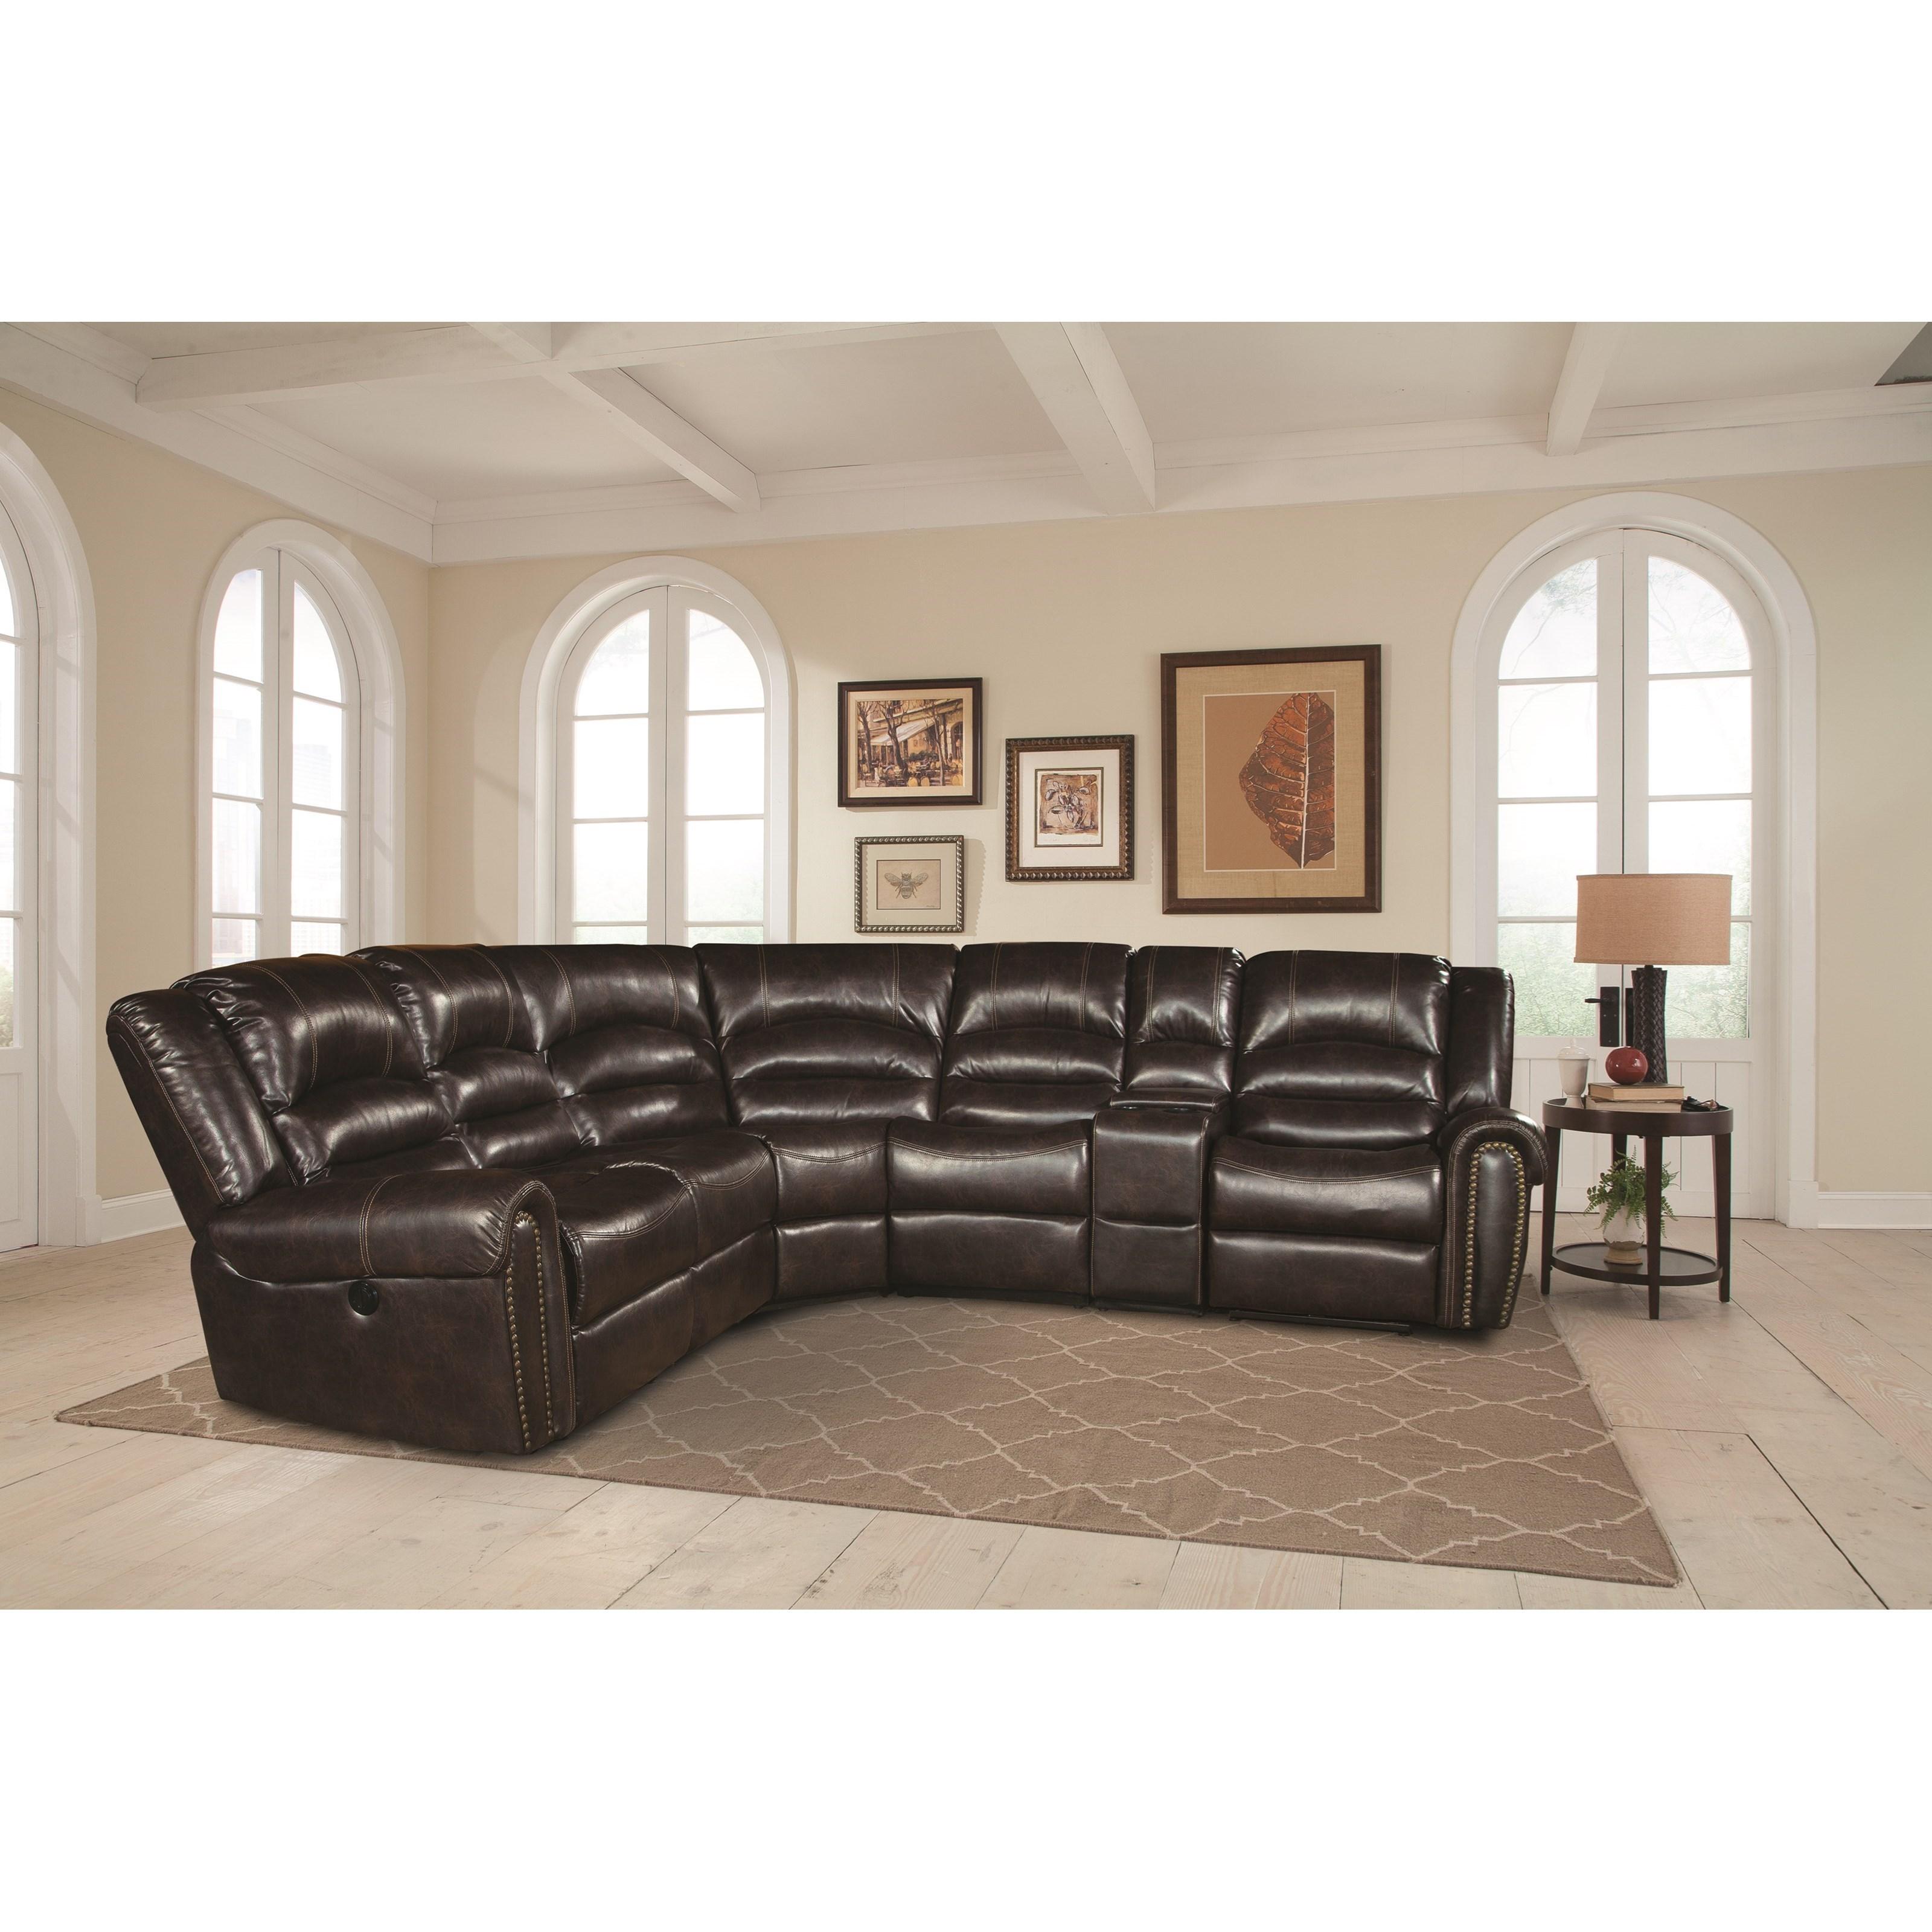 Parker Living Gershwin Sectional Sofa - Item Number: MGER-PACKA-JA